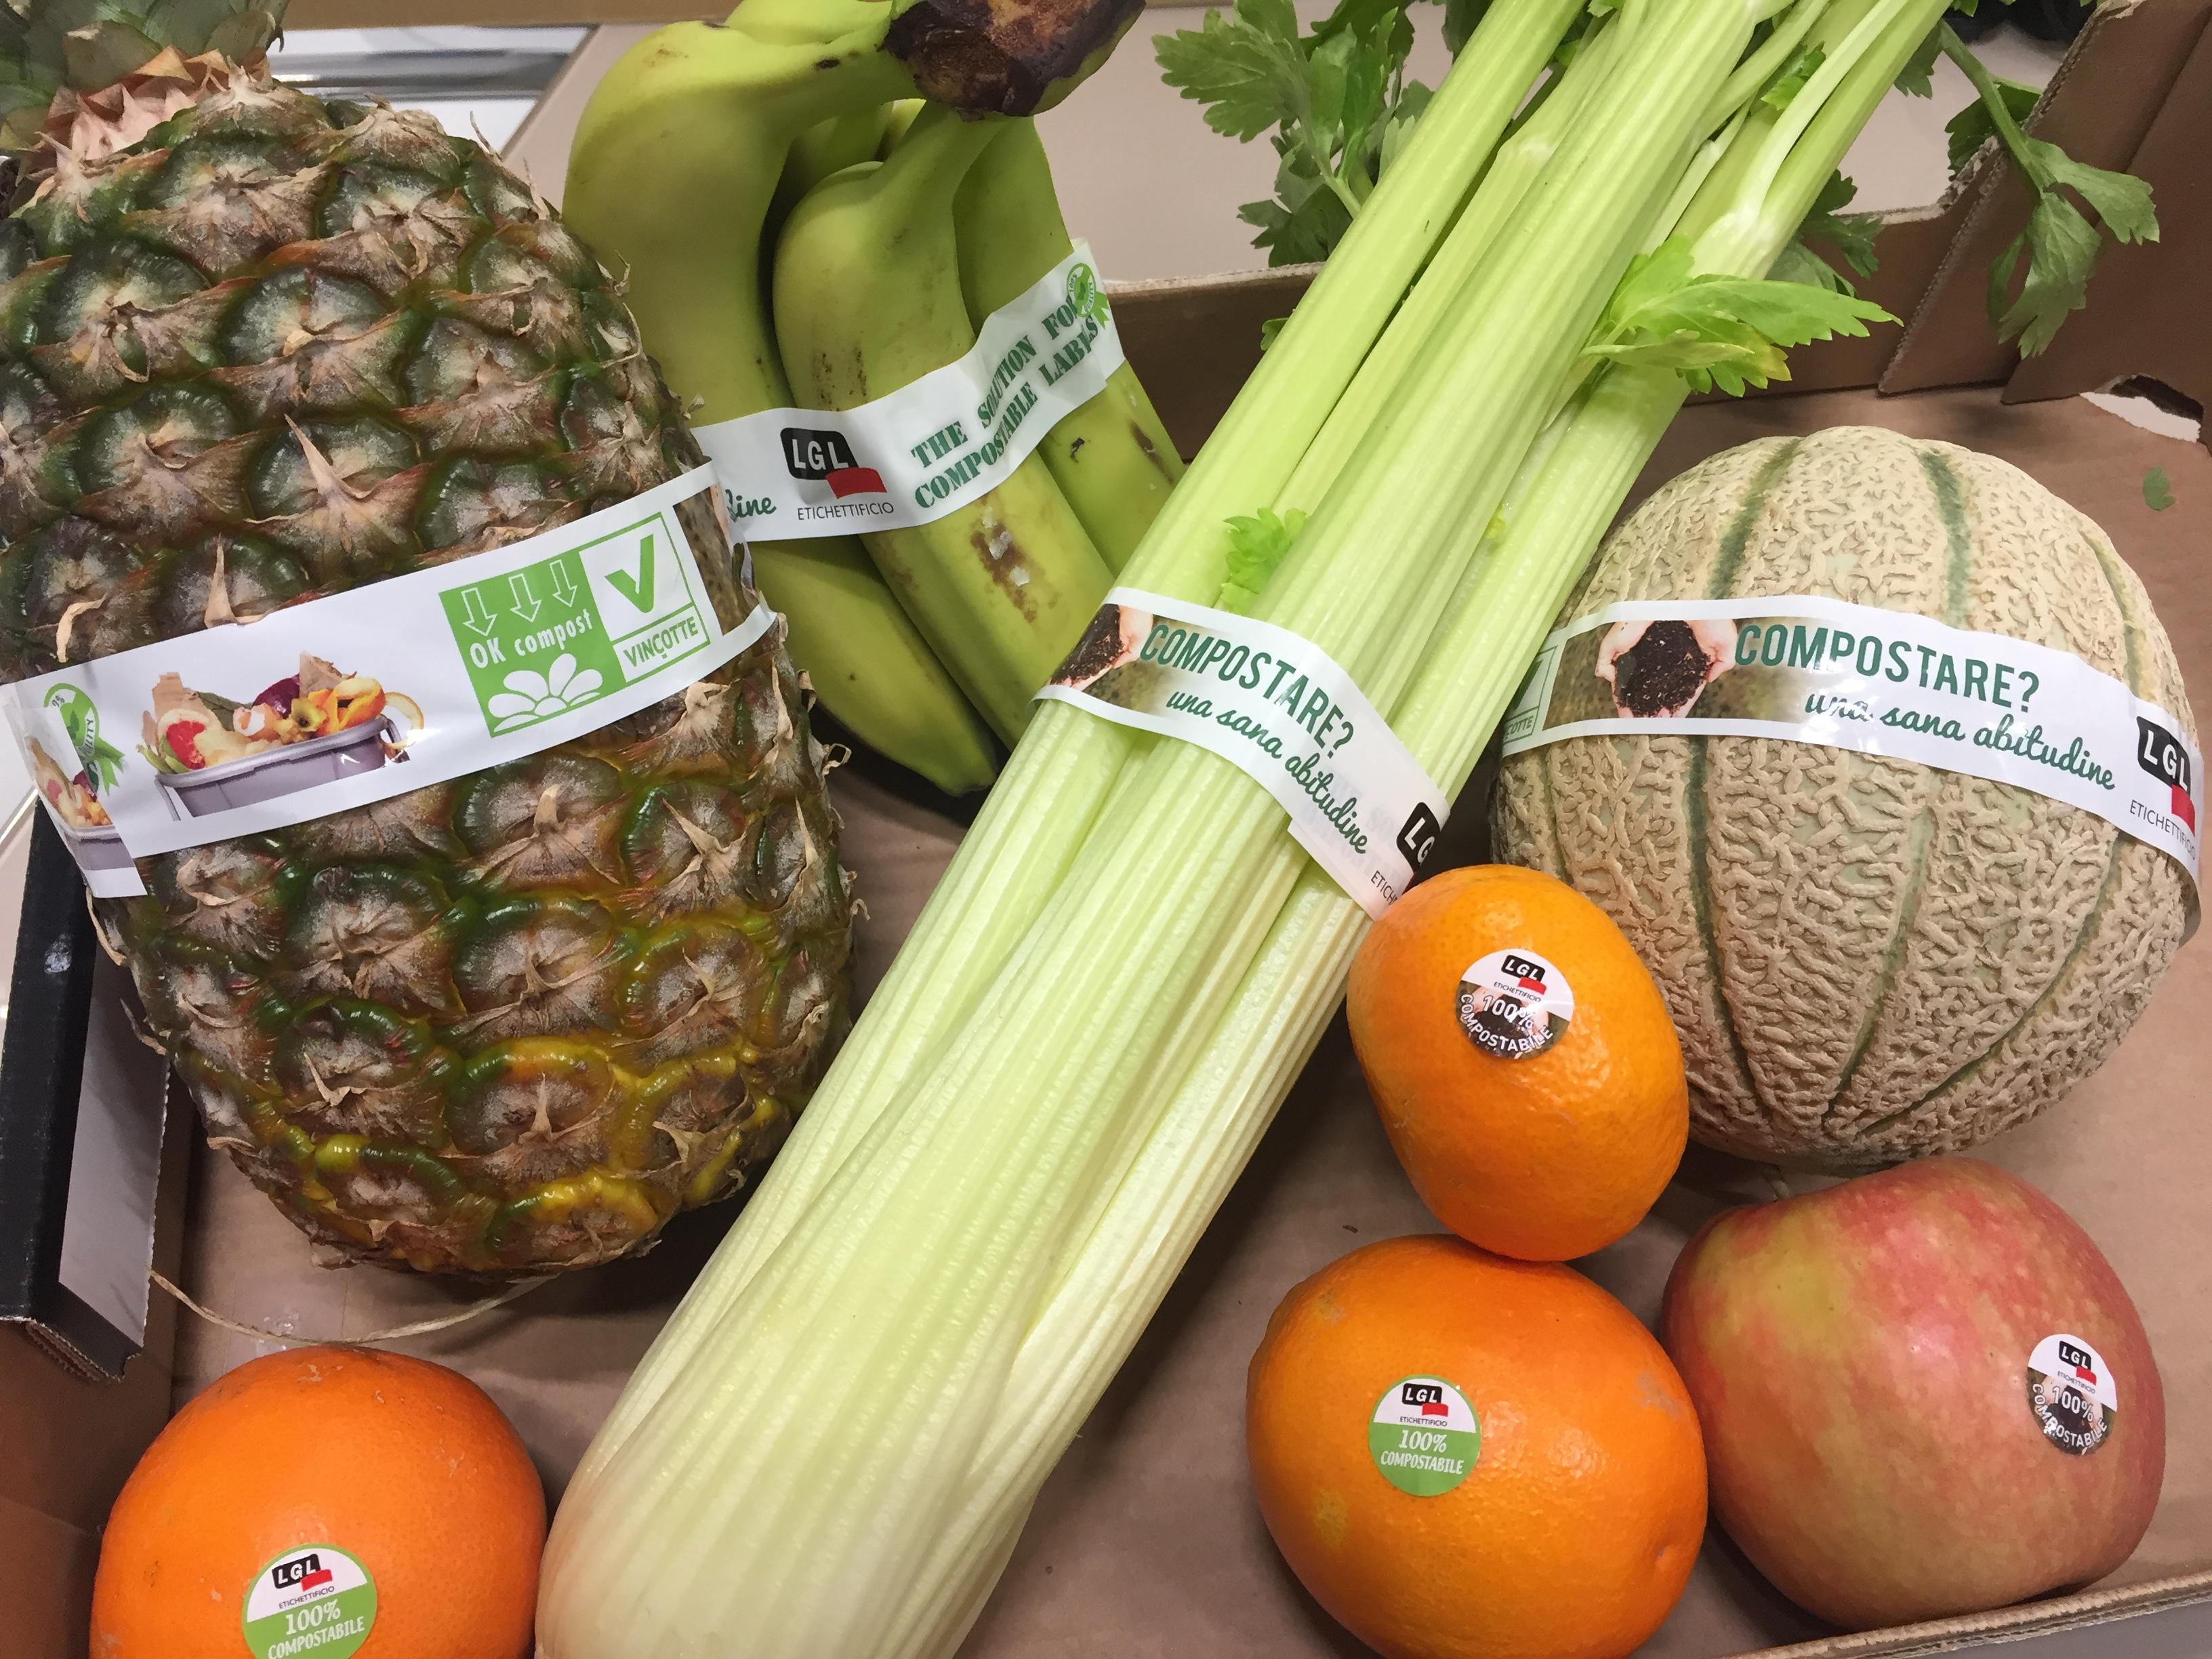 Etichette e nastri biodegradabili e compostabili